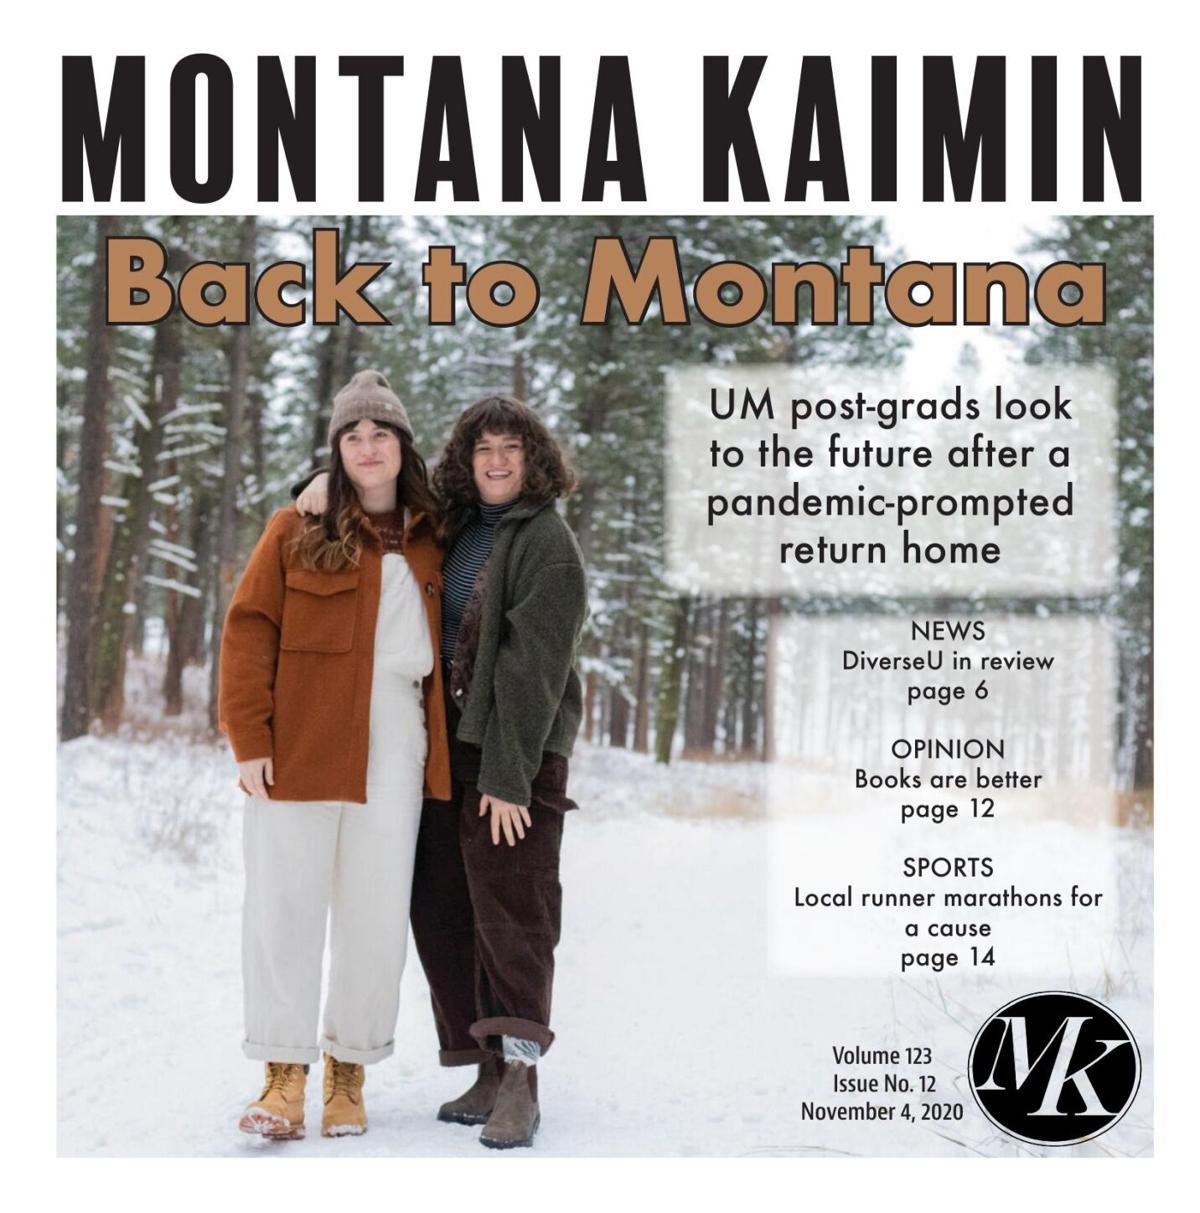 Montana Kaimin | Vol 123 Issue no. 012 11.4.2020